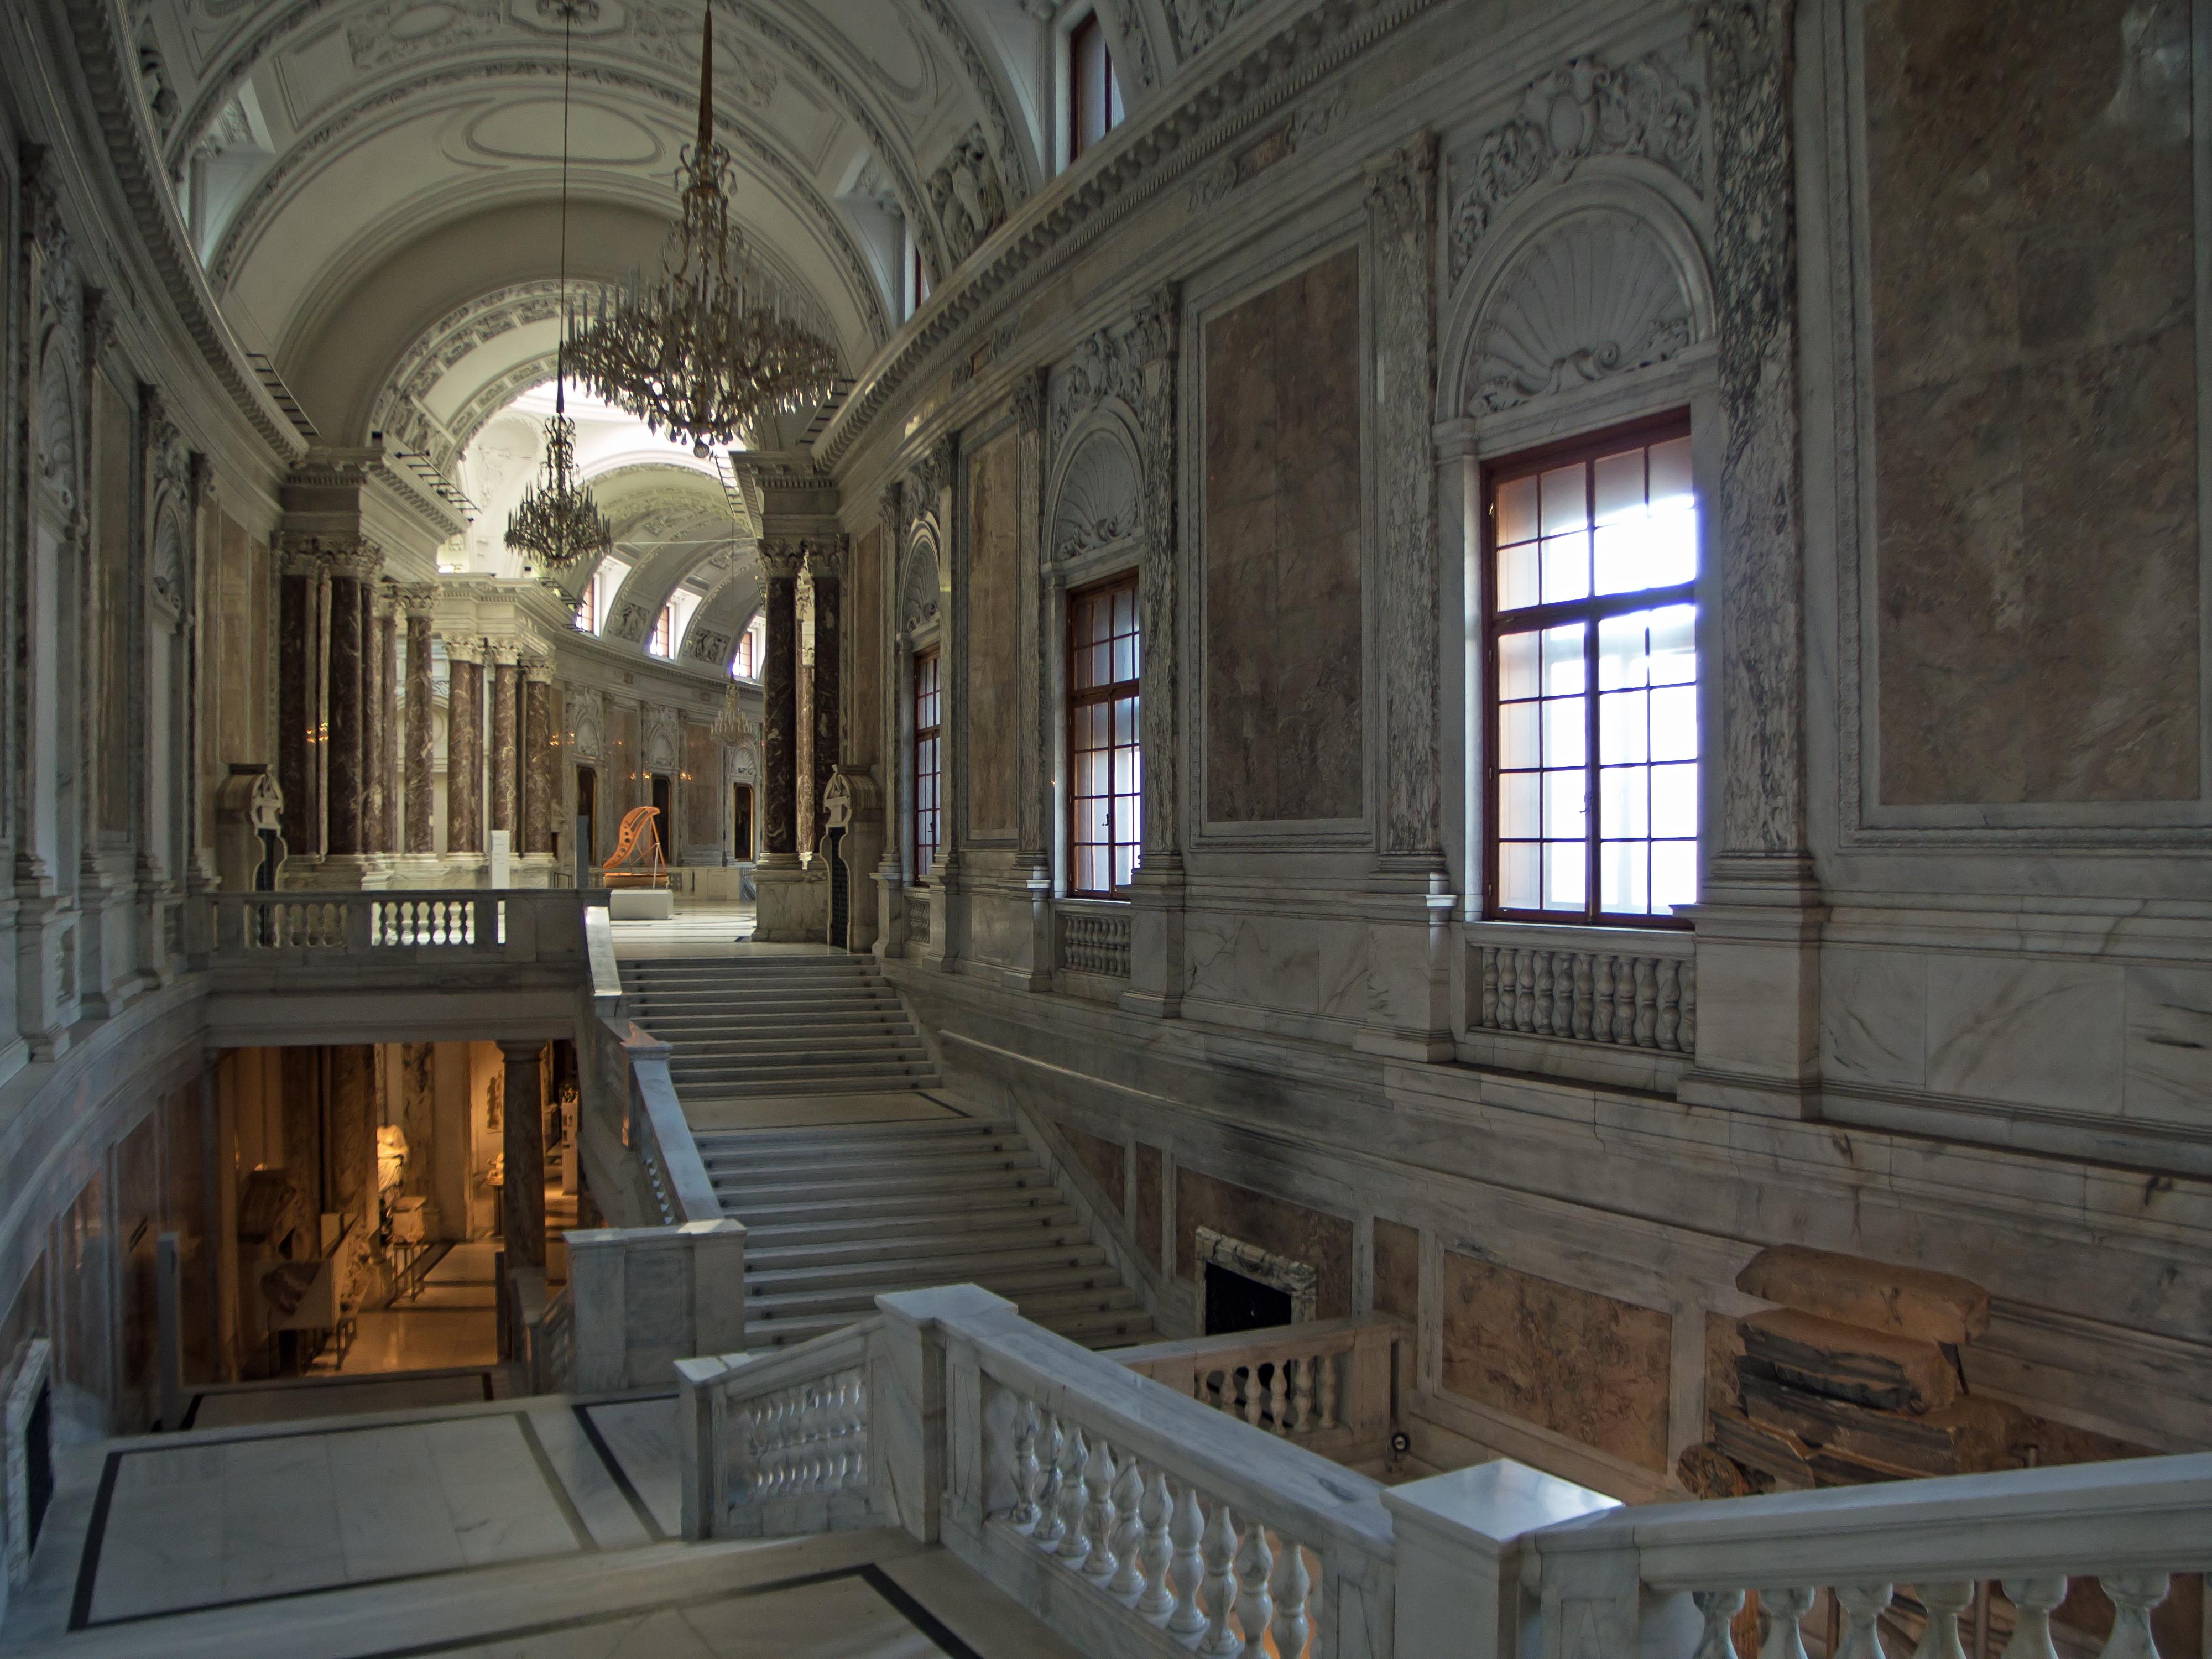 File:HGOe - Hofburg - Innenraum 7.jpg - Wikimedia Commons